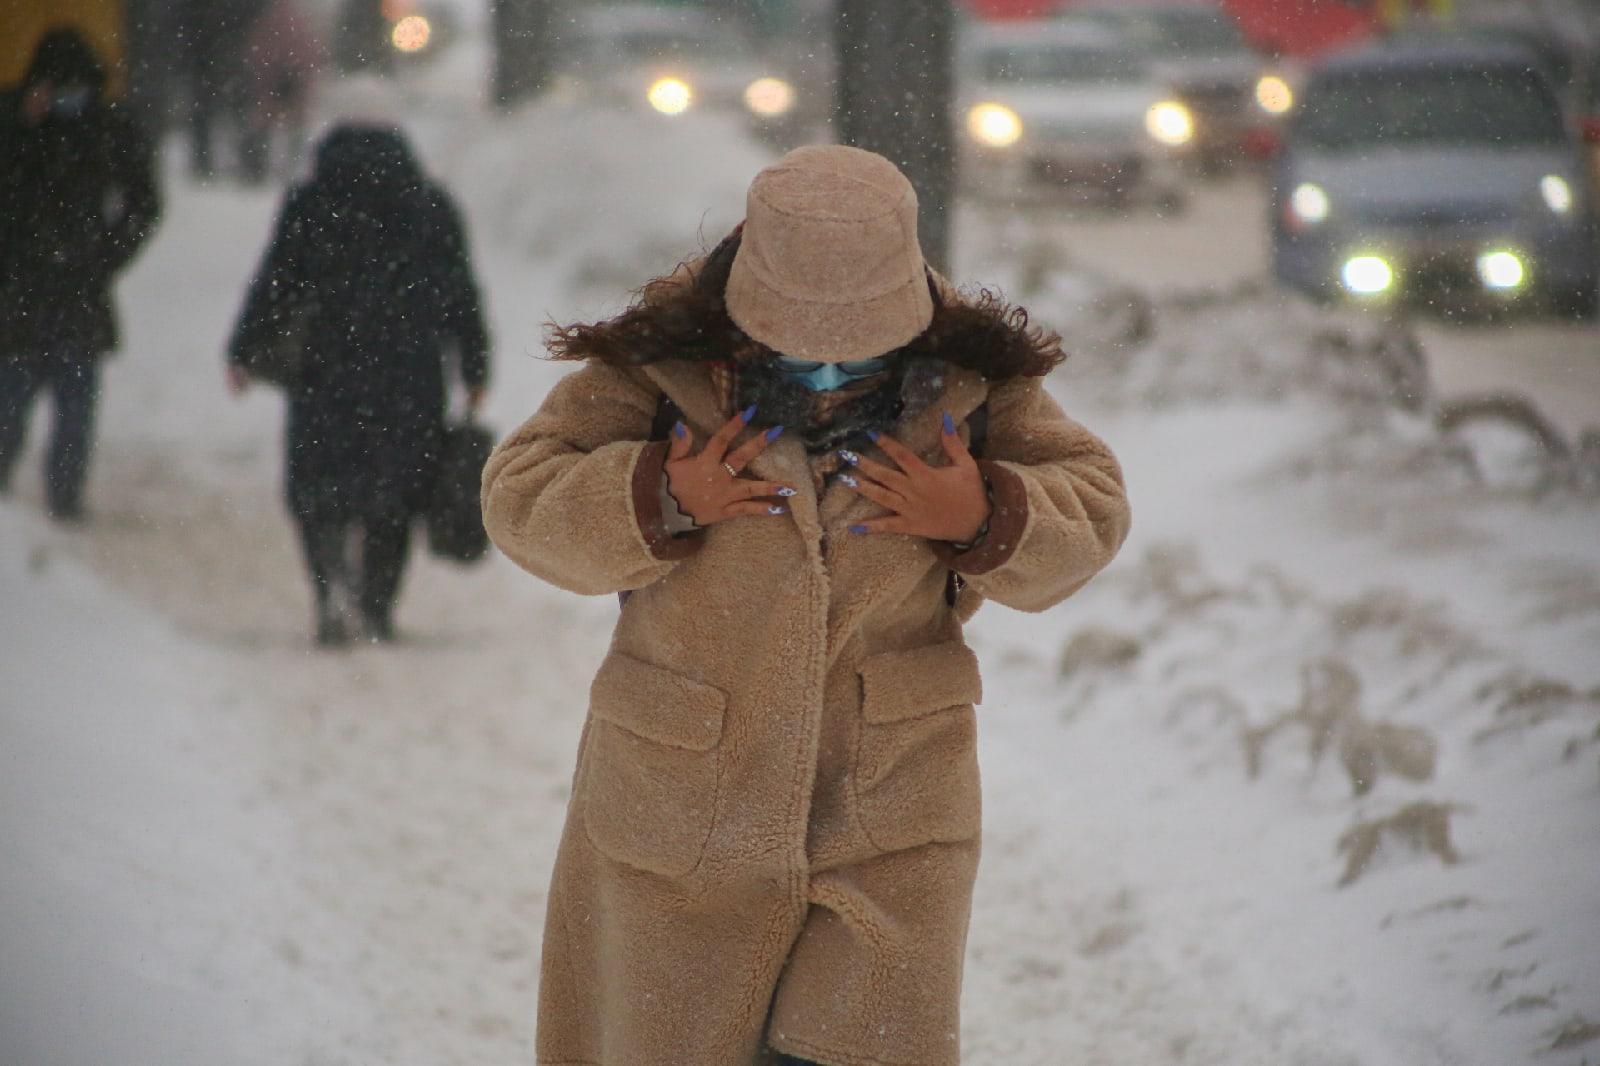 фото Новосибирск накрыла ледяная буря: 10 фото из снежного плена 3